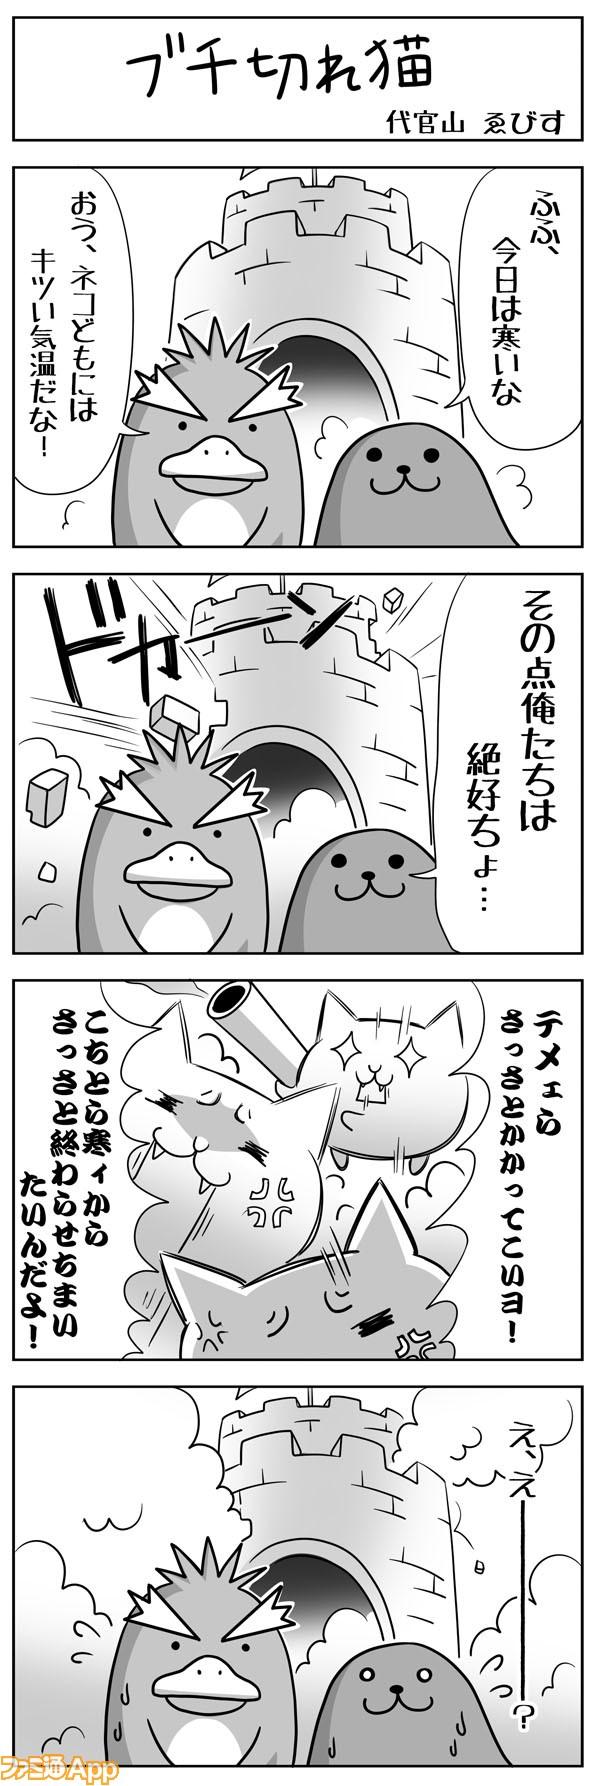 01daik_070